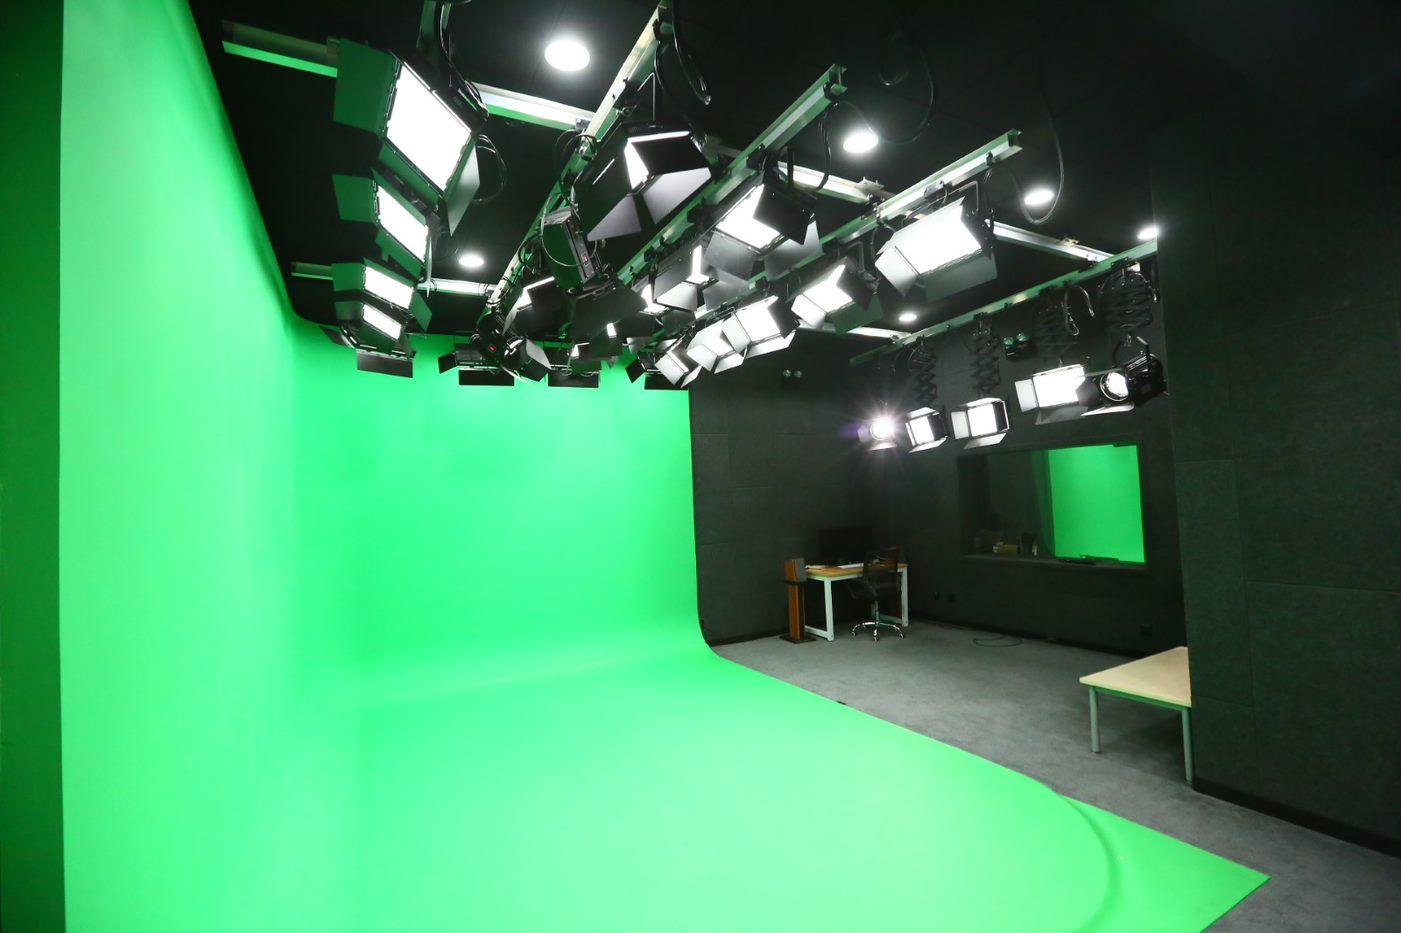 北京德威 电影研究课程教室